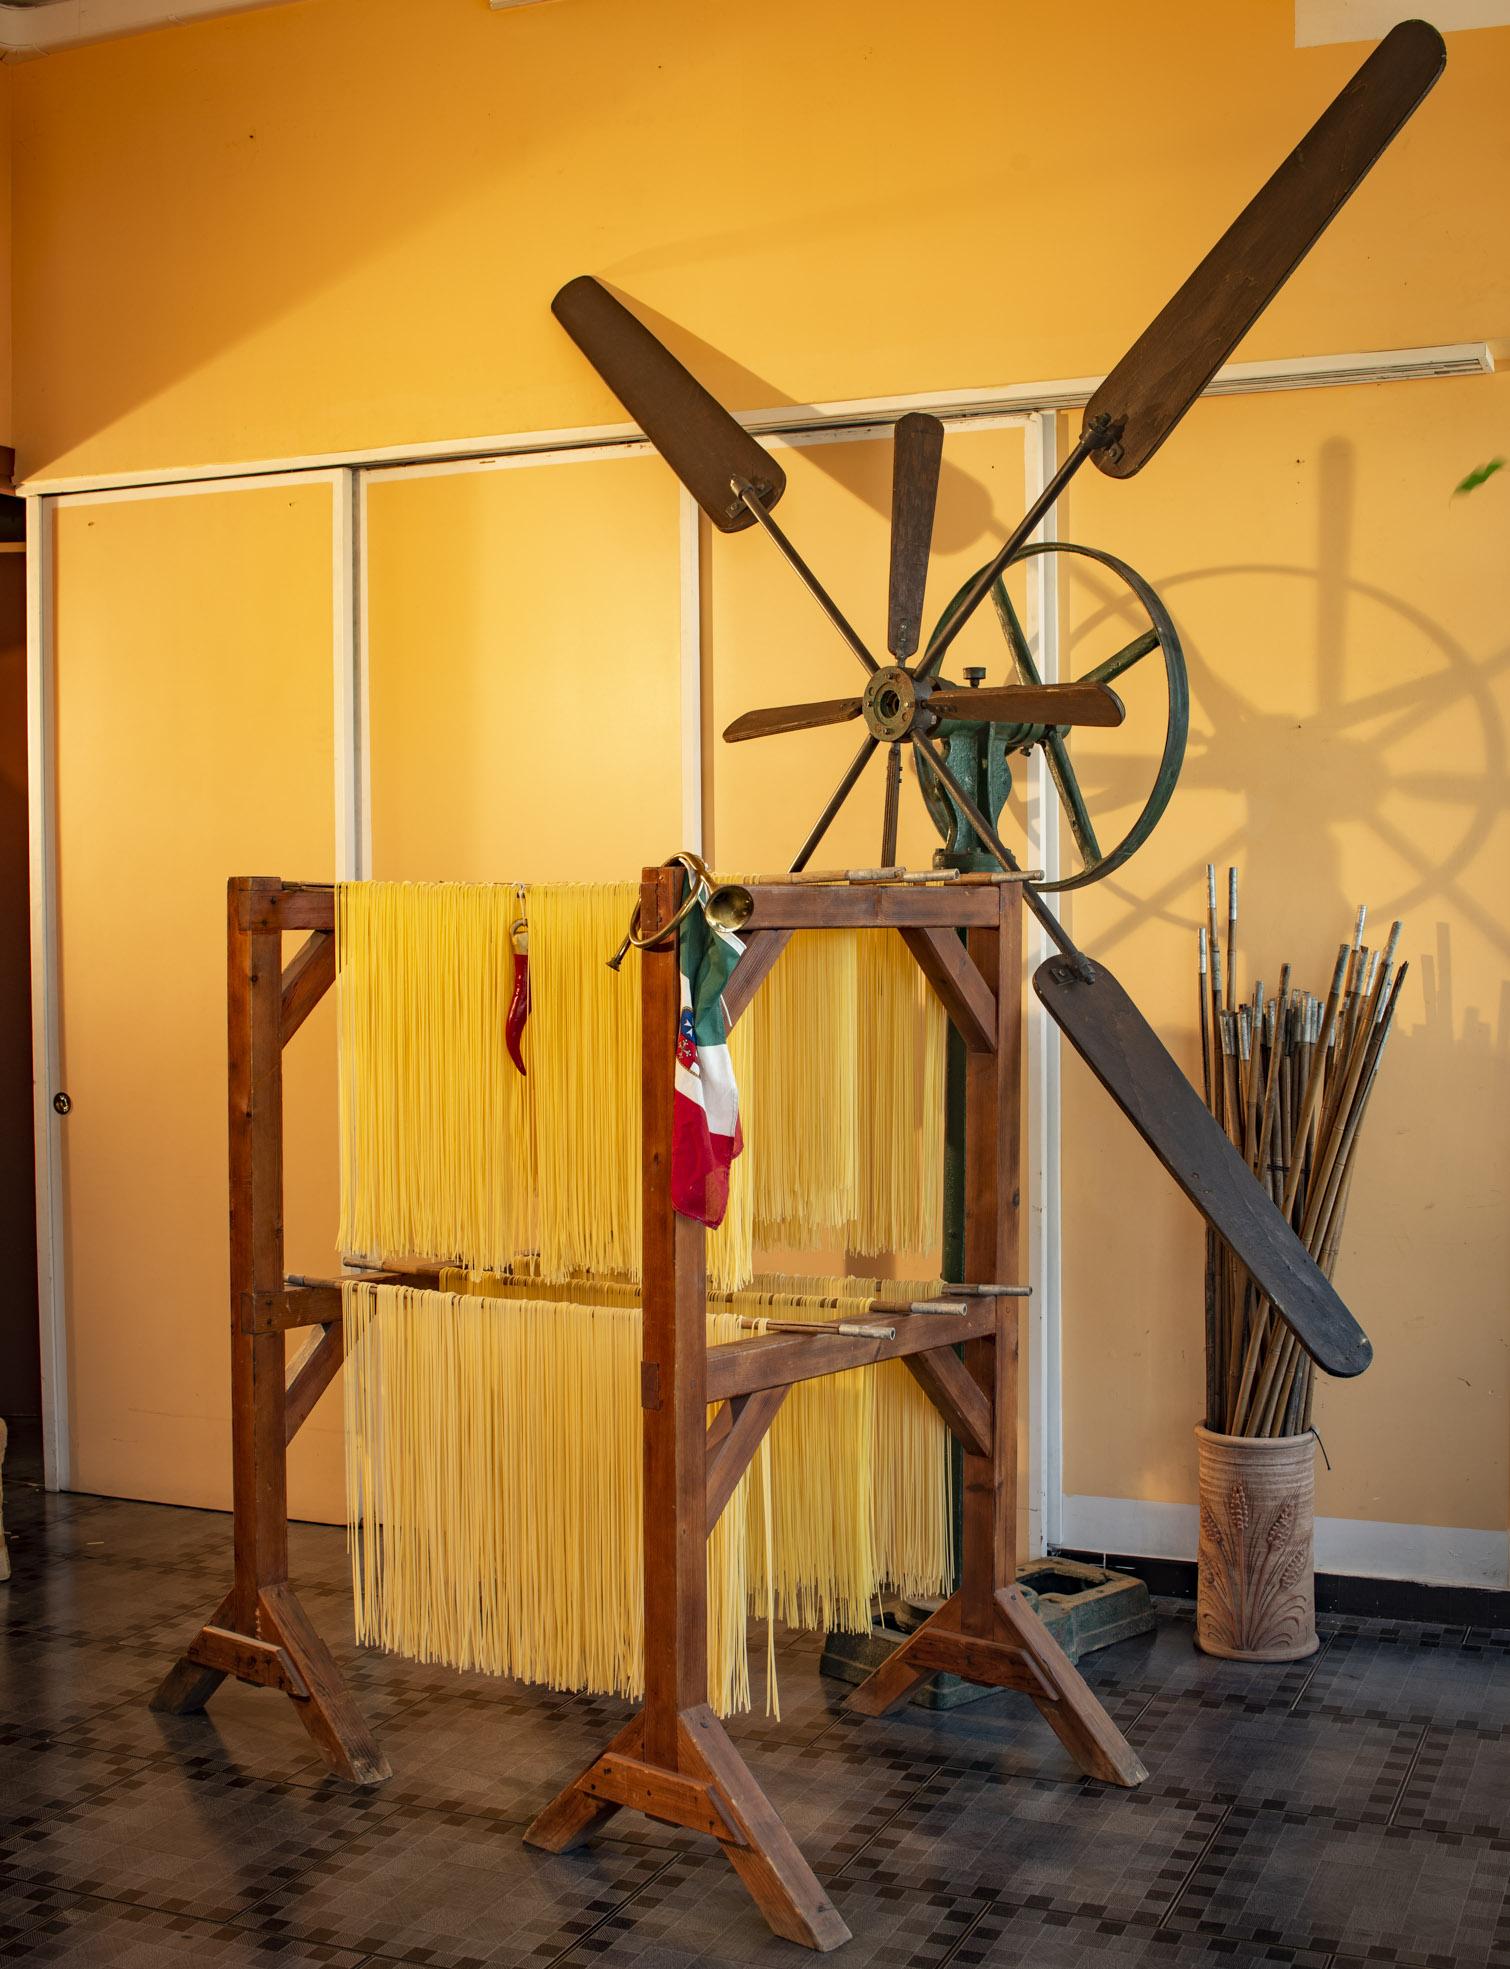 https://www.icom-italia.org/wp-content/uploads/wpforms/10320-faf7ed92f83be88bc622f726ed042c0c/05_pasta-sulle-canne-di-bambu-con-ventola-posteriore-9acdc9274f24954858d8474569558ffa.jpg